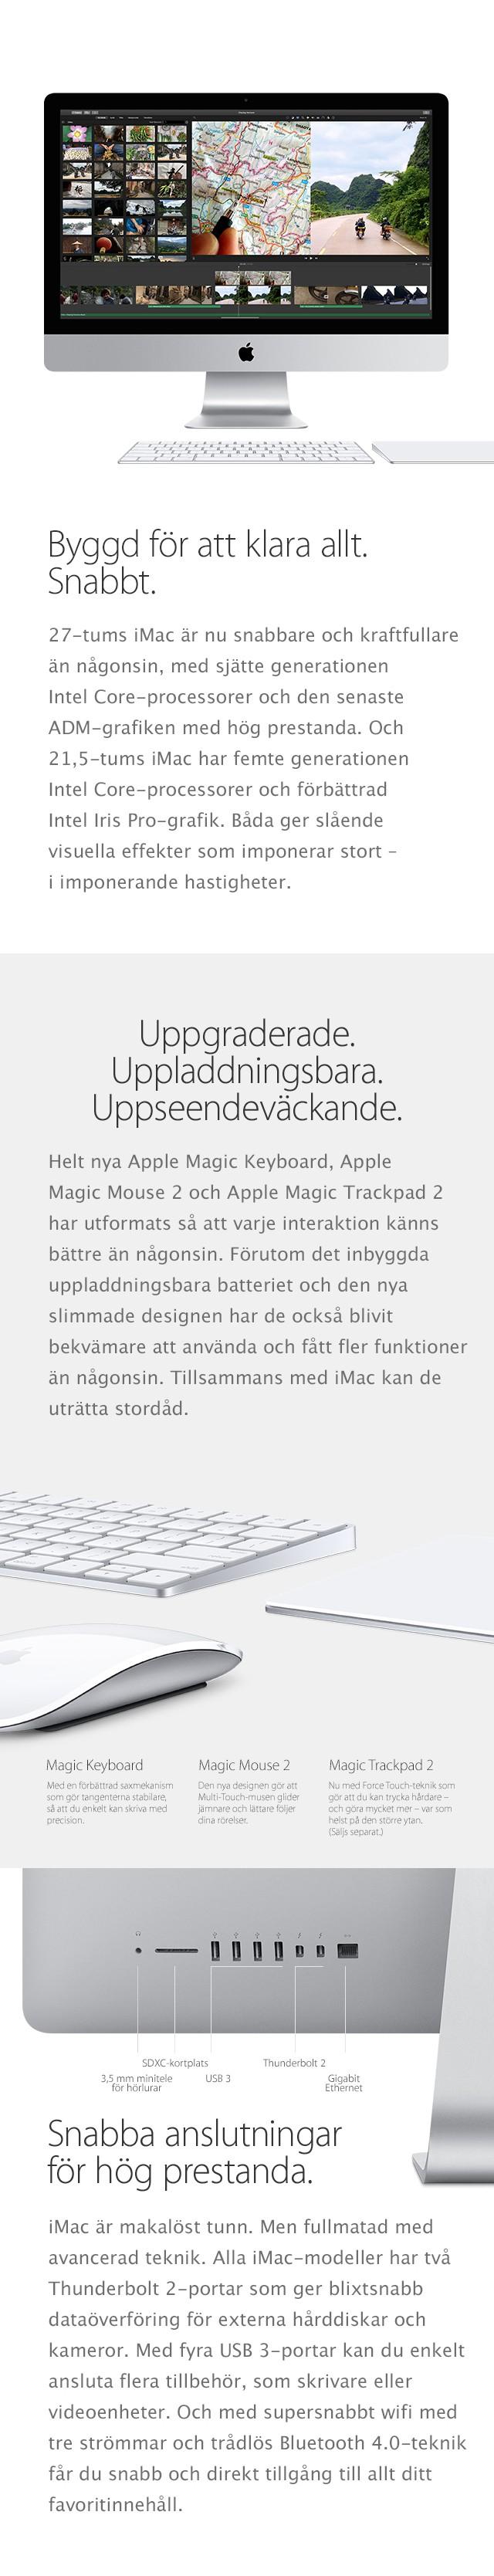 iMac - snabb och intelligent